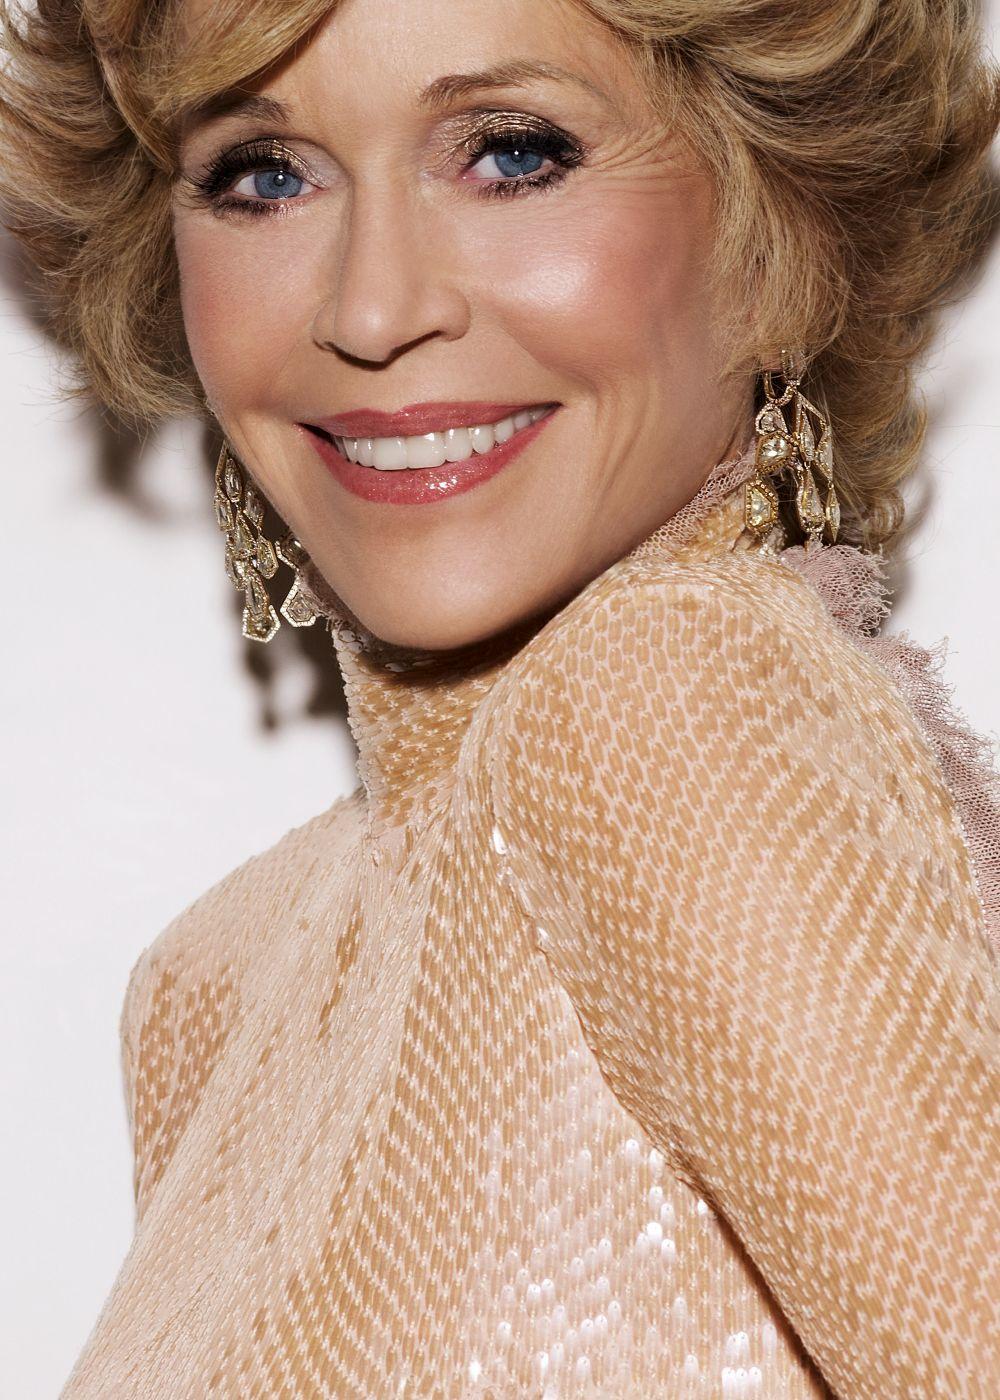 Estas son nuestras 10 razones para admirar a Jane Fonda en su 80...